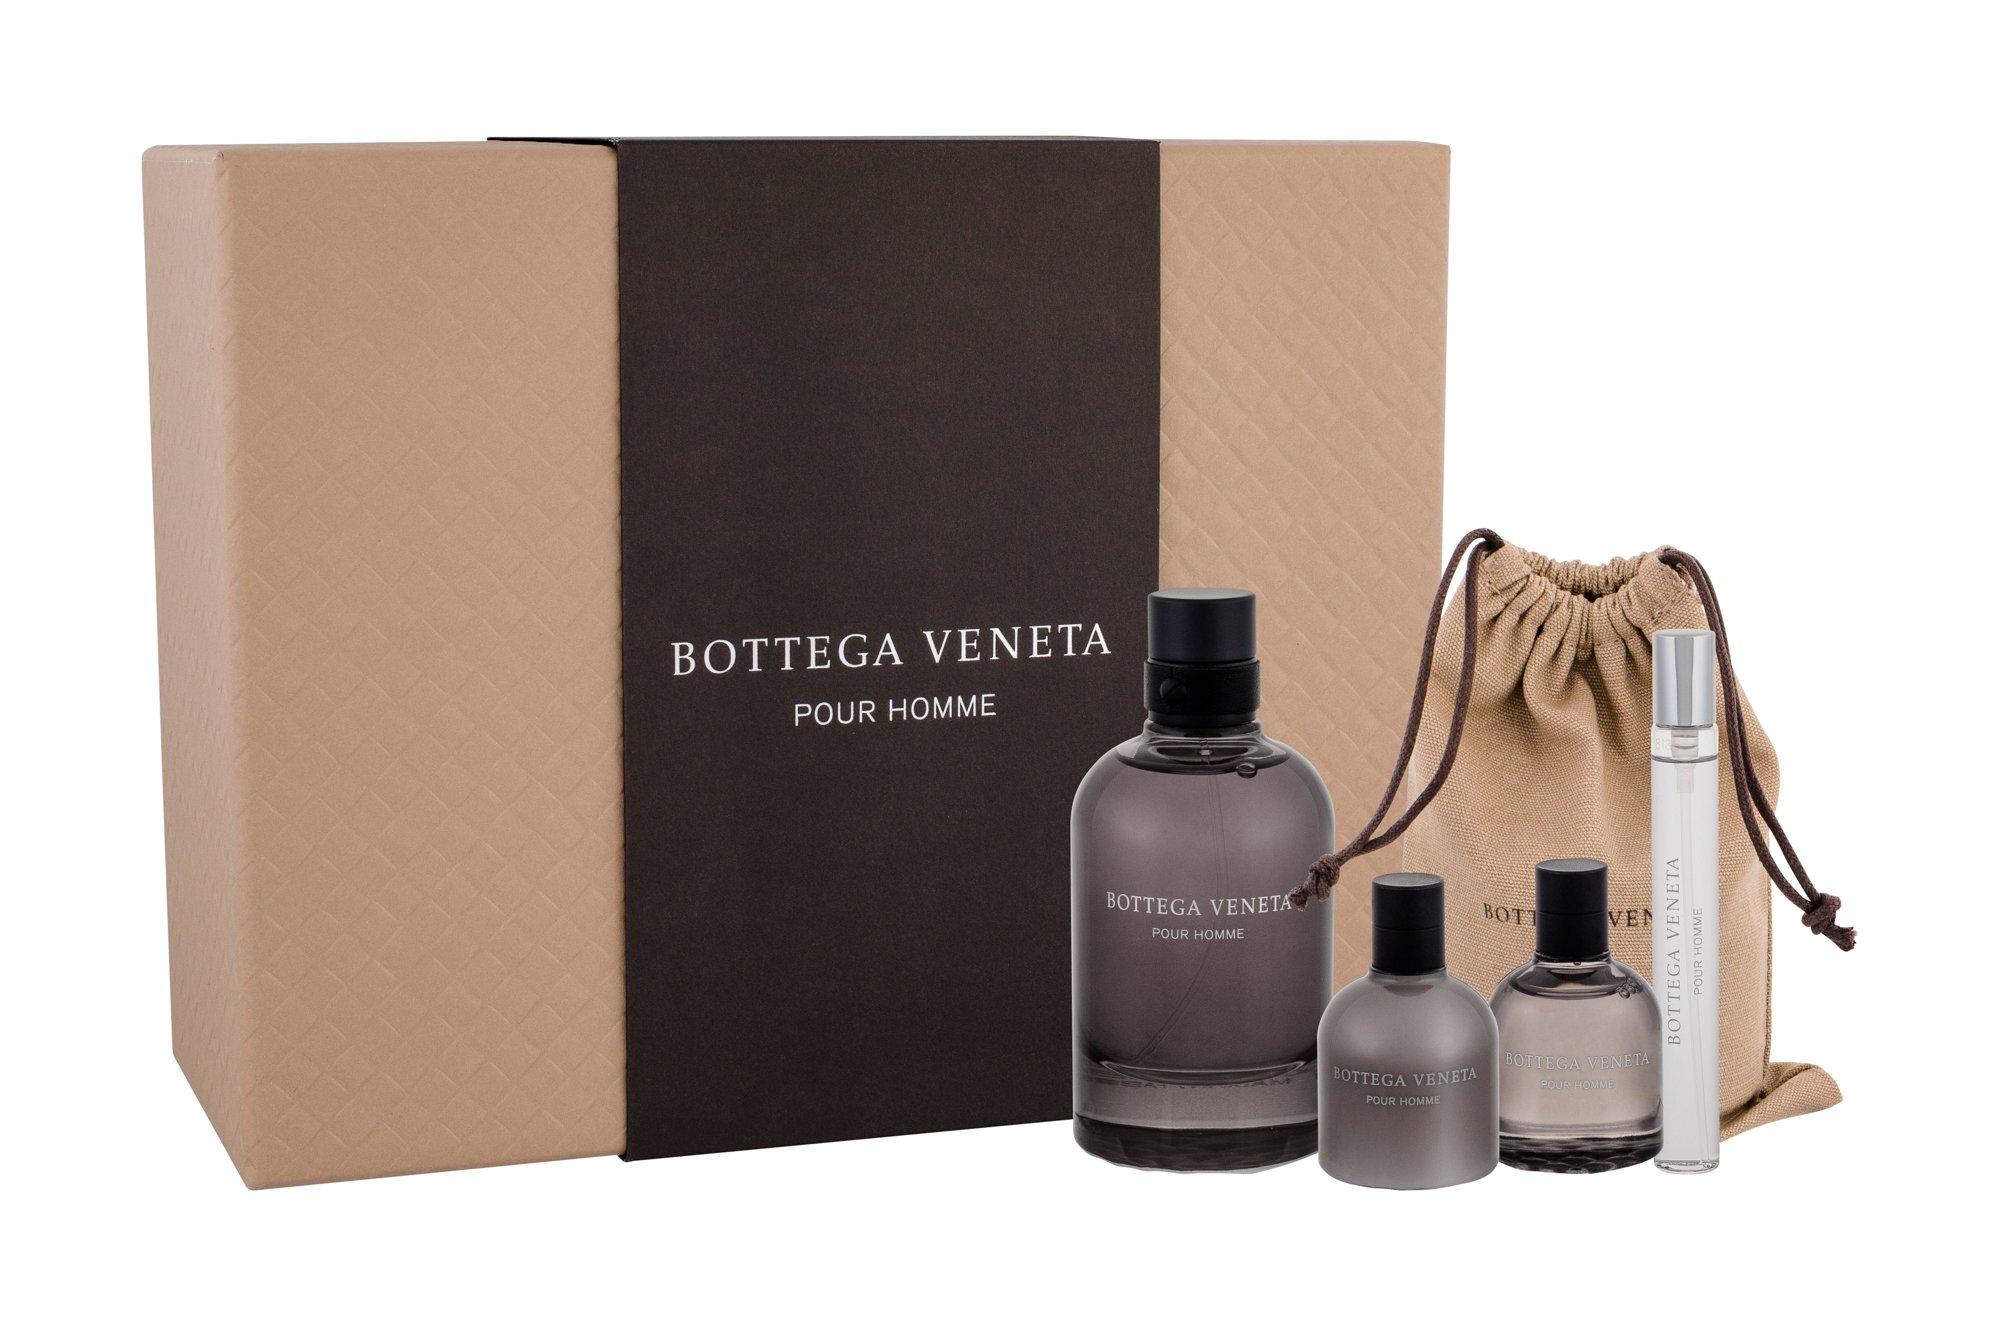 Bottega Veneta Bottega Veneta Pour Homme Eau de Toilette 90ml